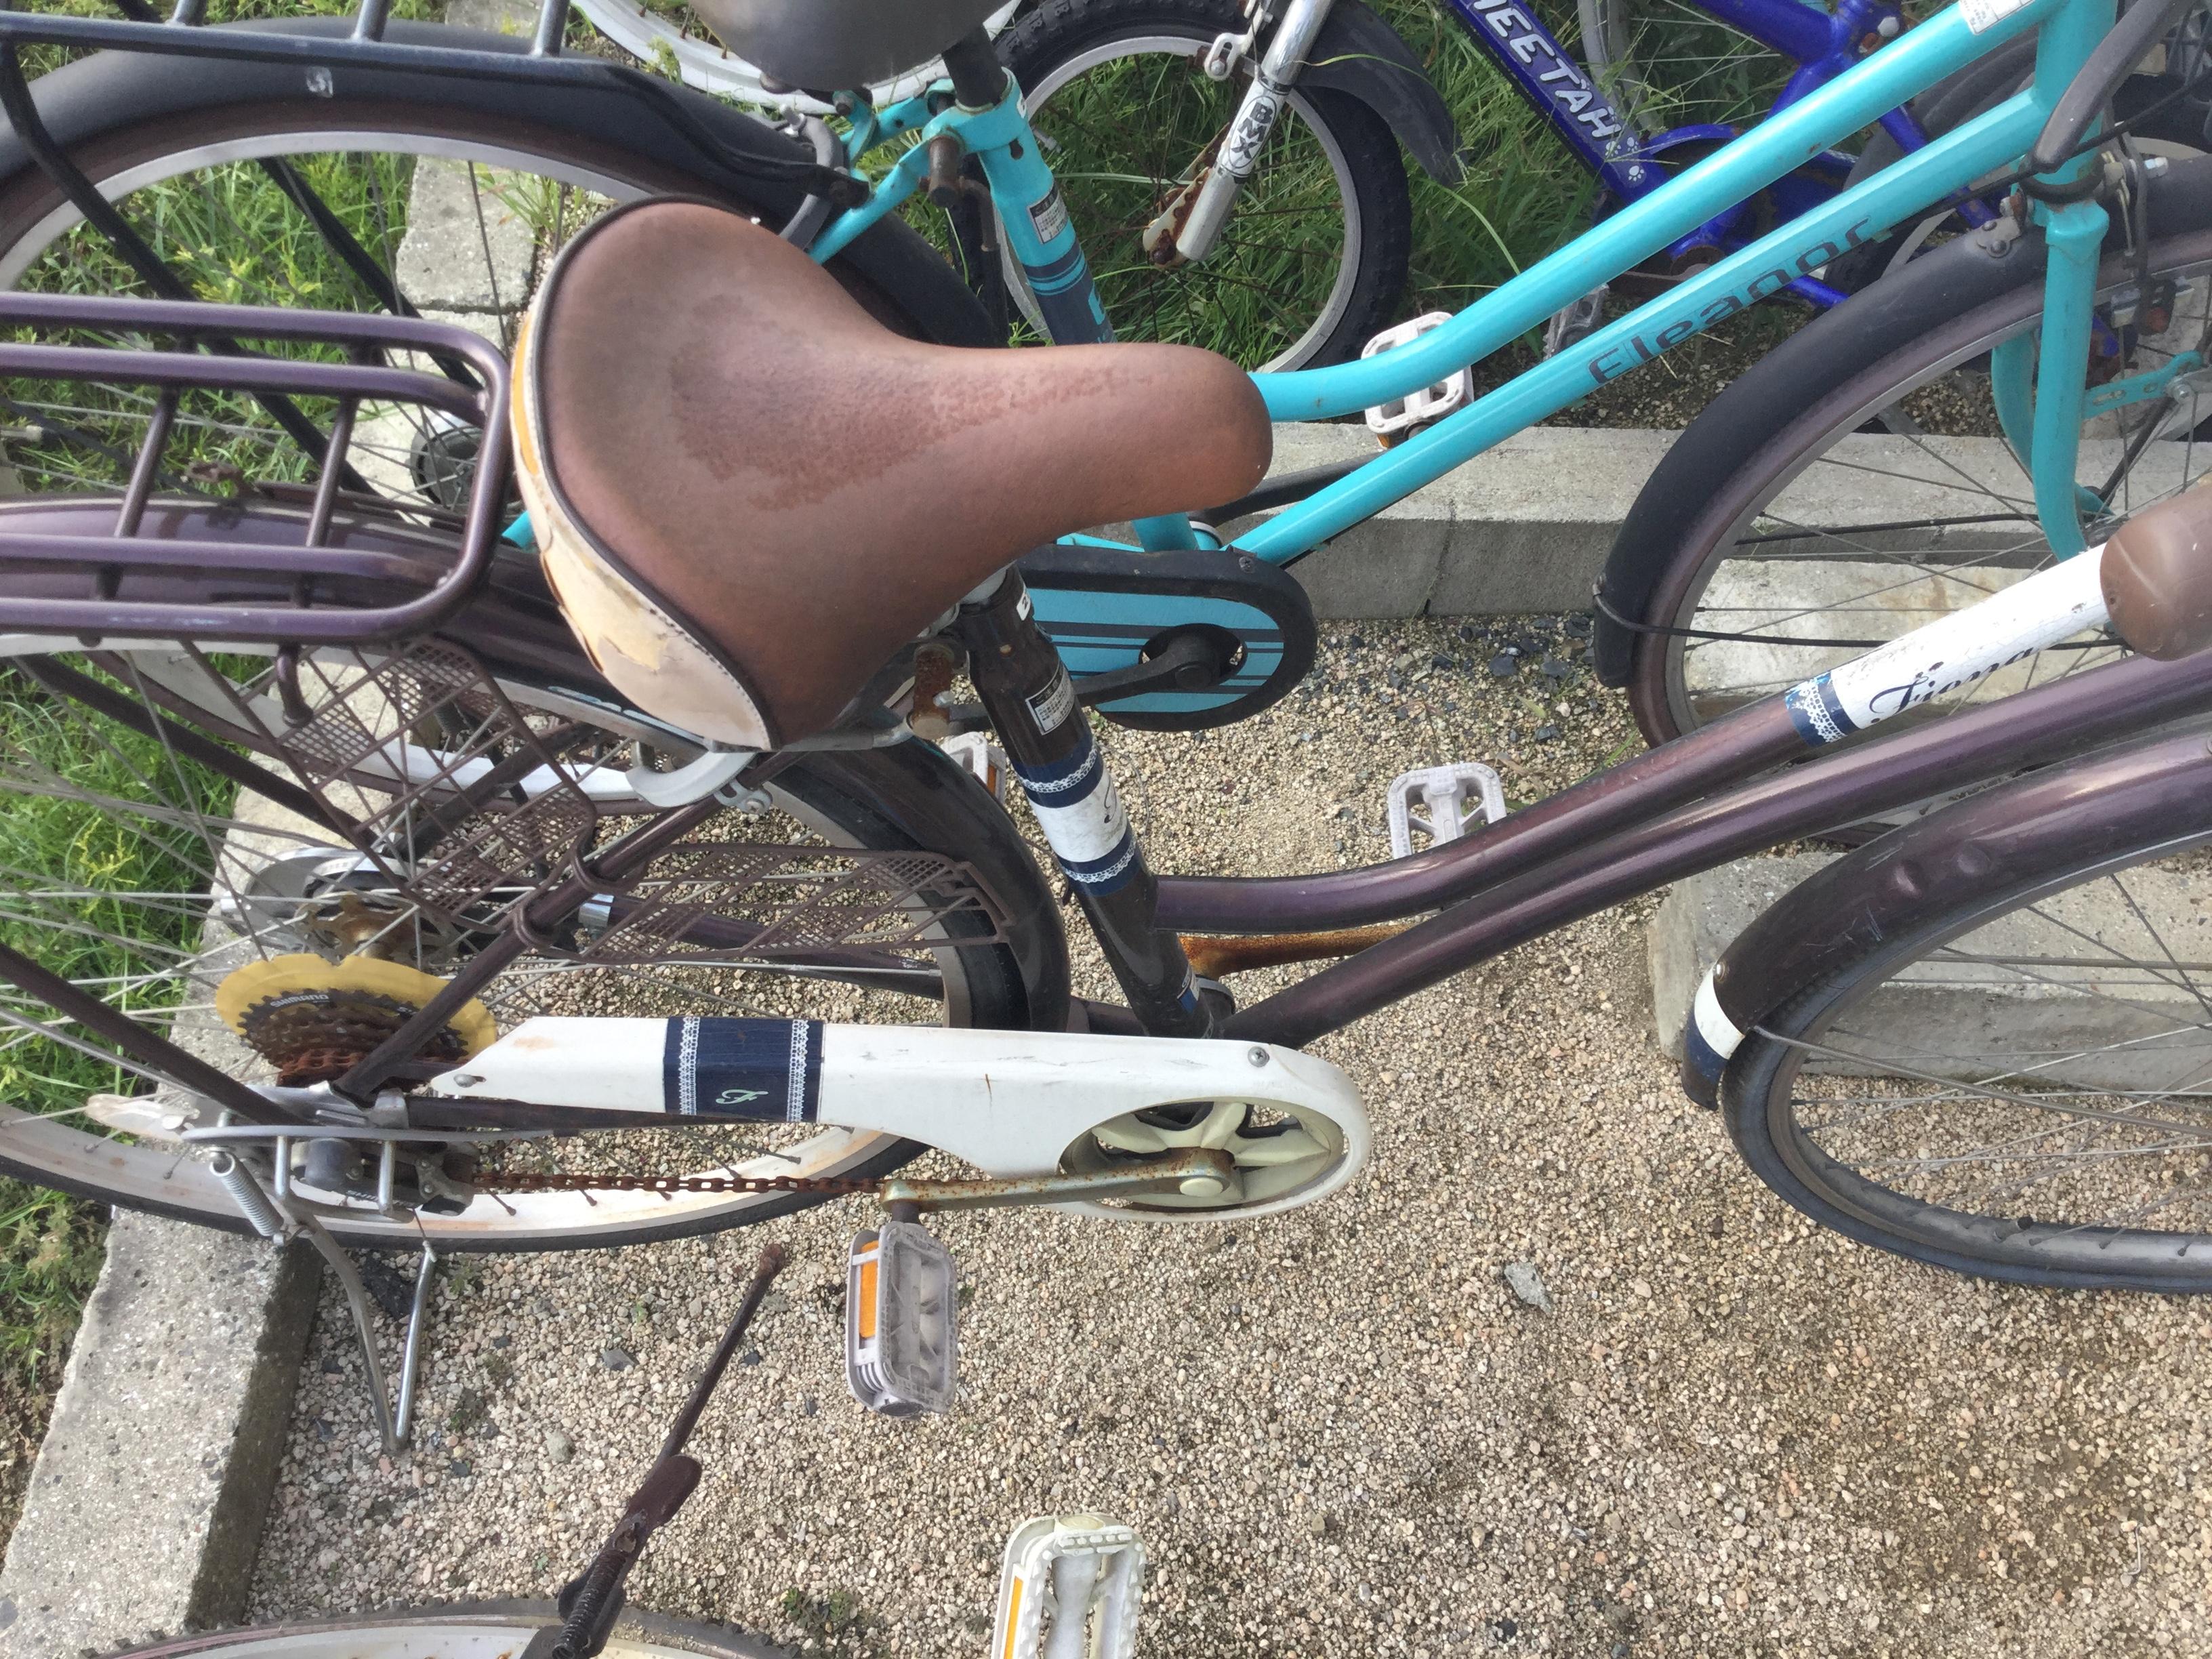 岡山市北区で粗大ゴミの回収をした自転車